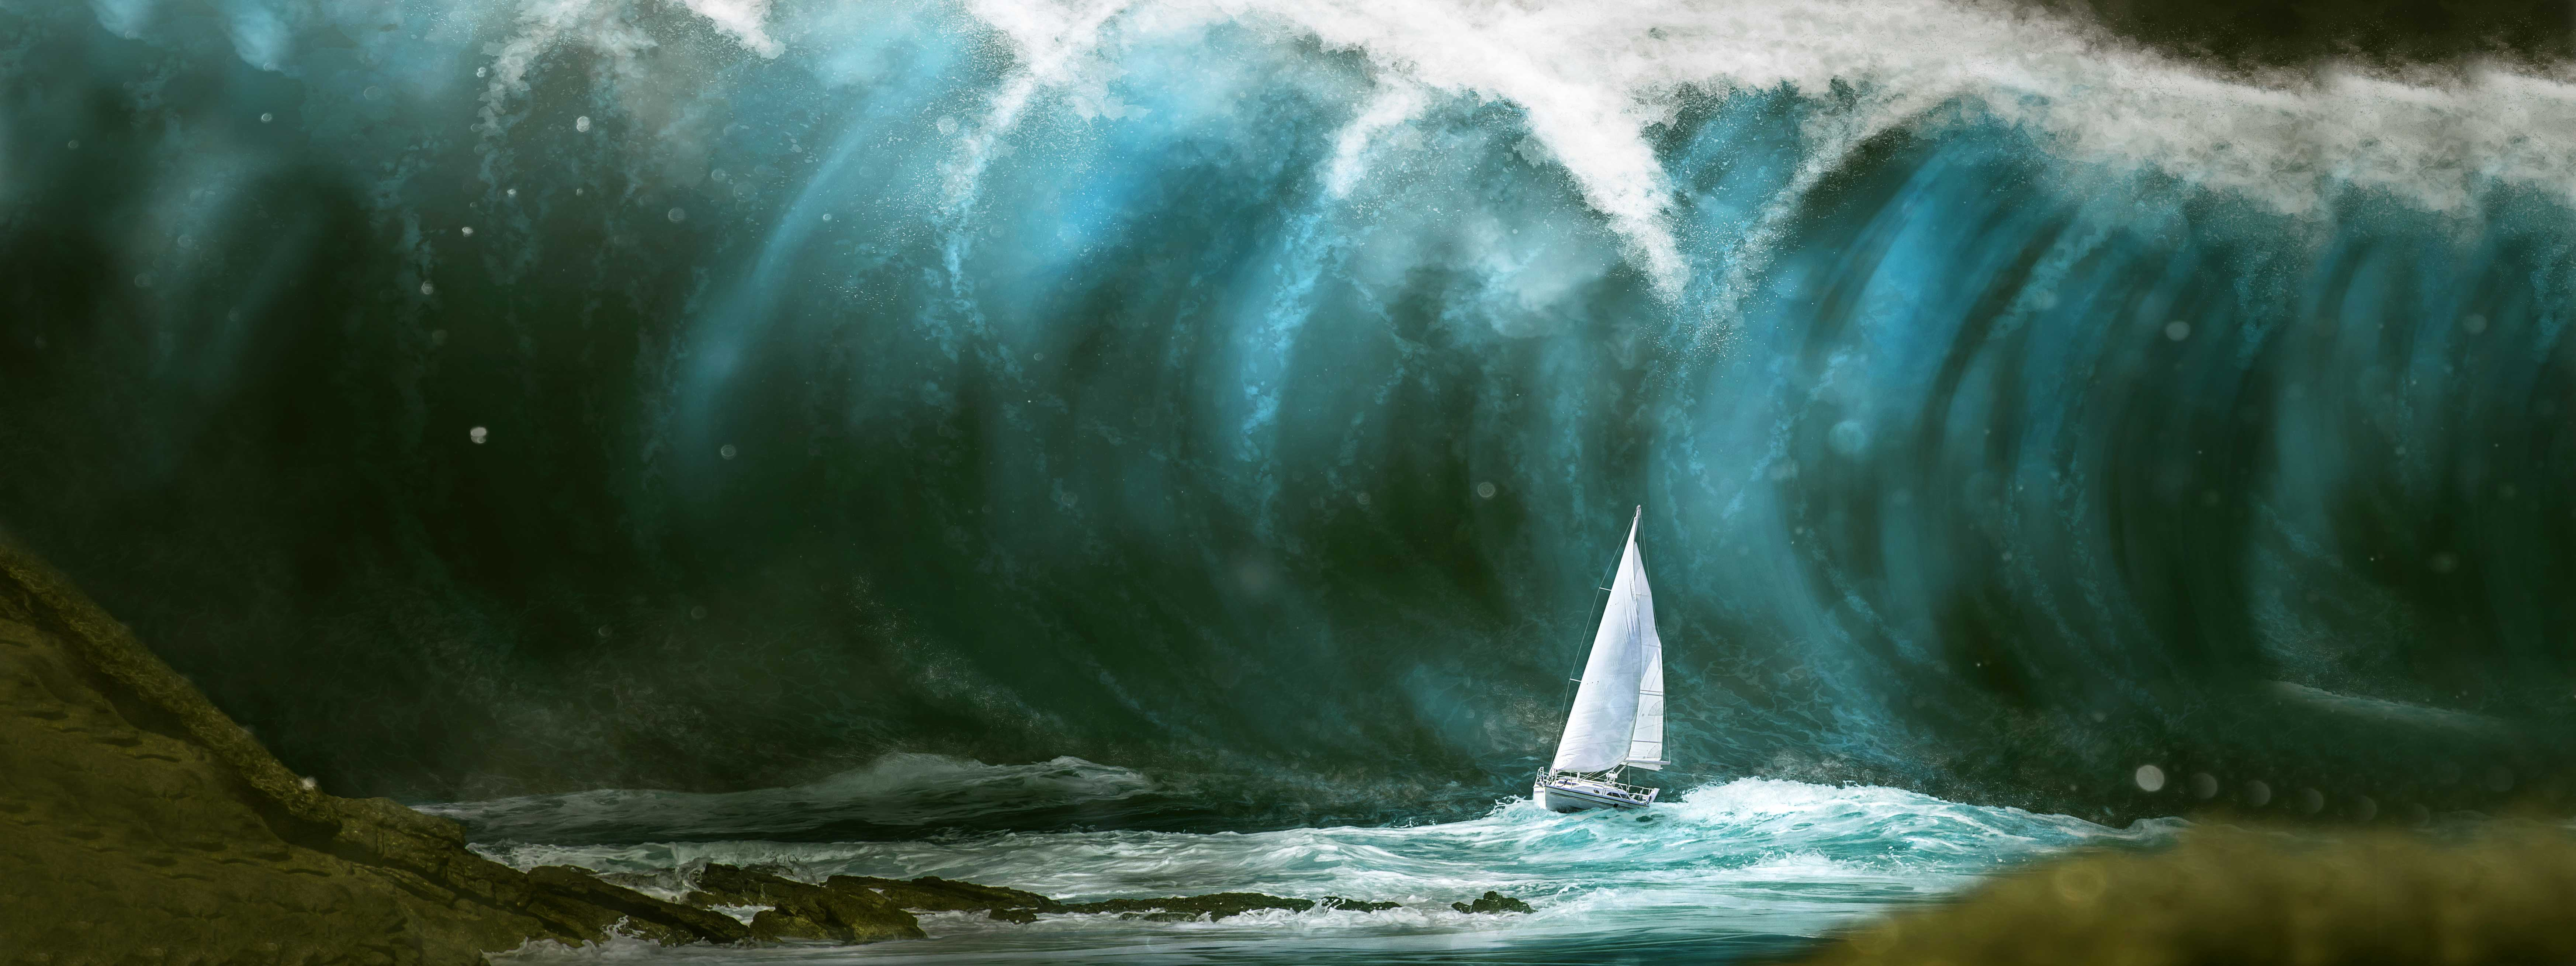 Huge Tsunami Wave Near a Yacht   Woodruff